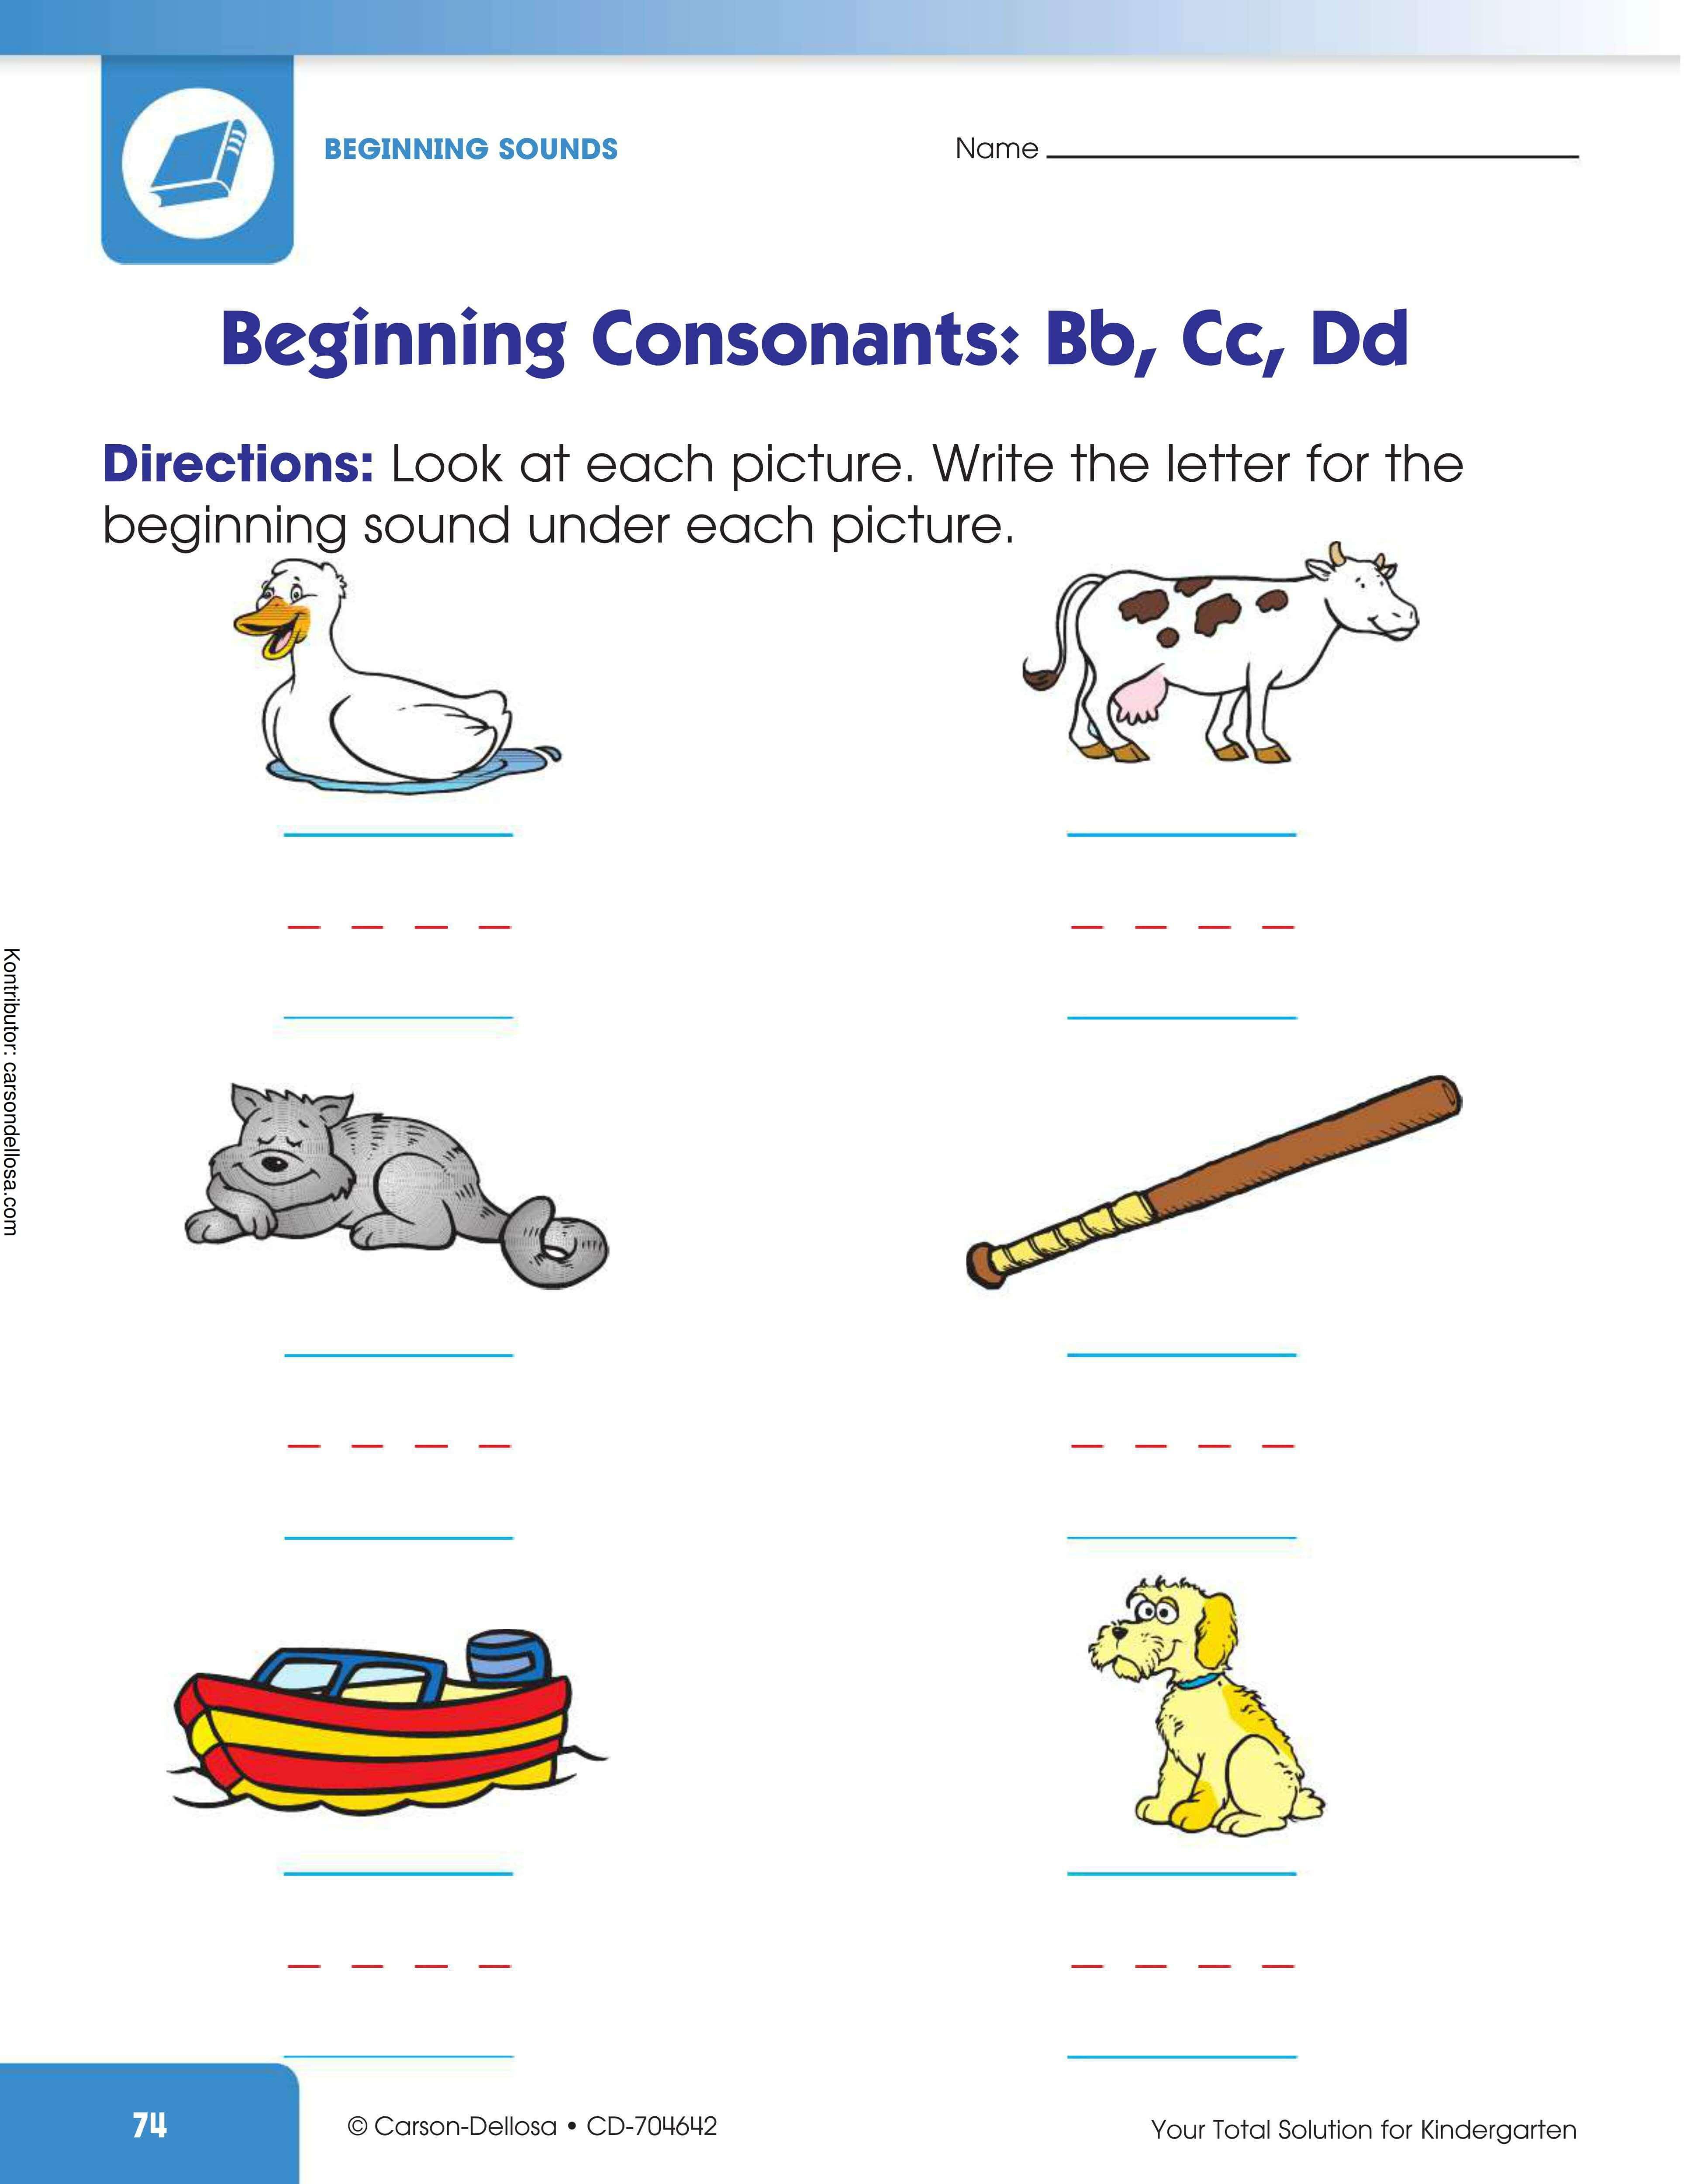 """Belajar Mengenal Konsonan Huruf """"Bb, Cc, Dd"""""""